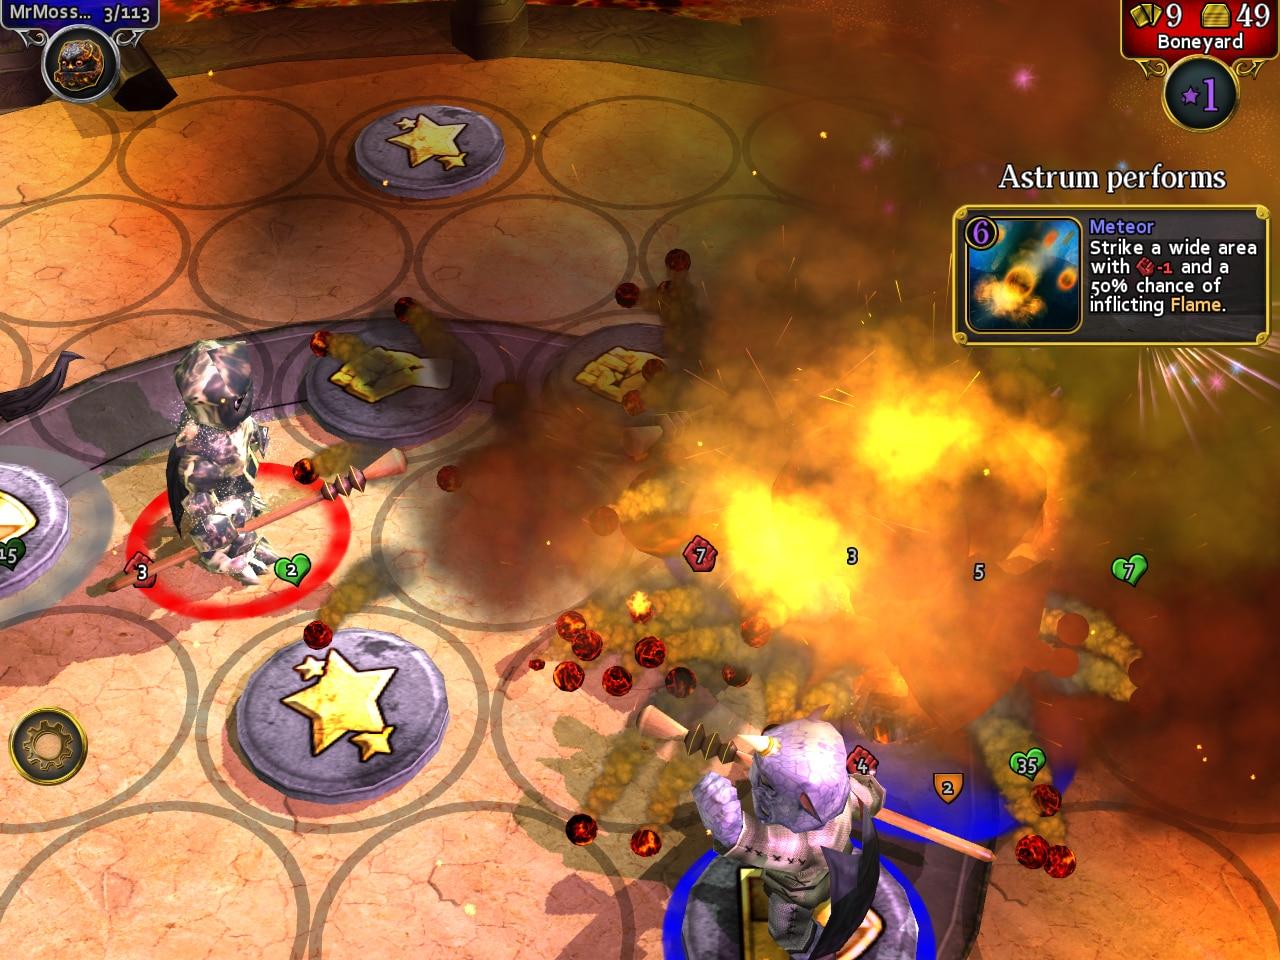 La magia meteora può rivelarsi devastante durante determinate situazioni.